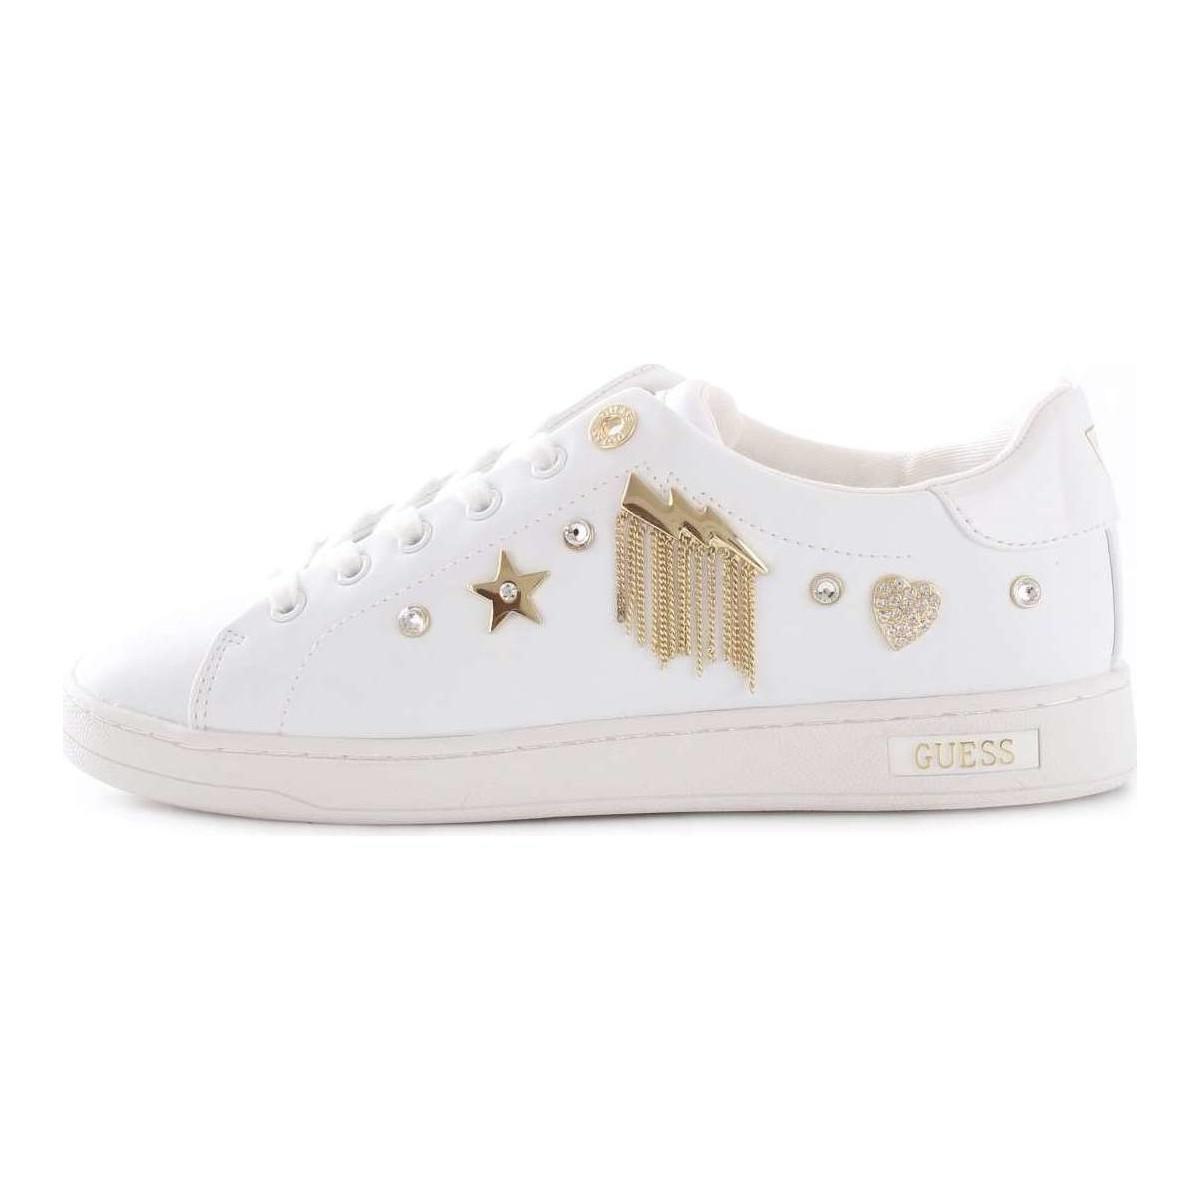 Guess - White FLCIT4ELE12 femmes Chaussures en blanc - Lyst. Afficher en  plein écran 27f2ba25e5c6